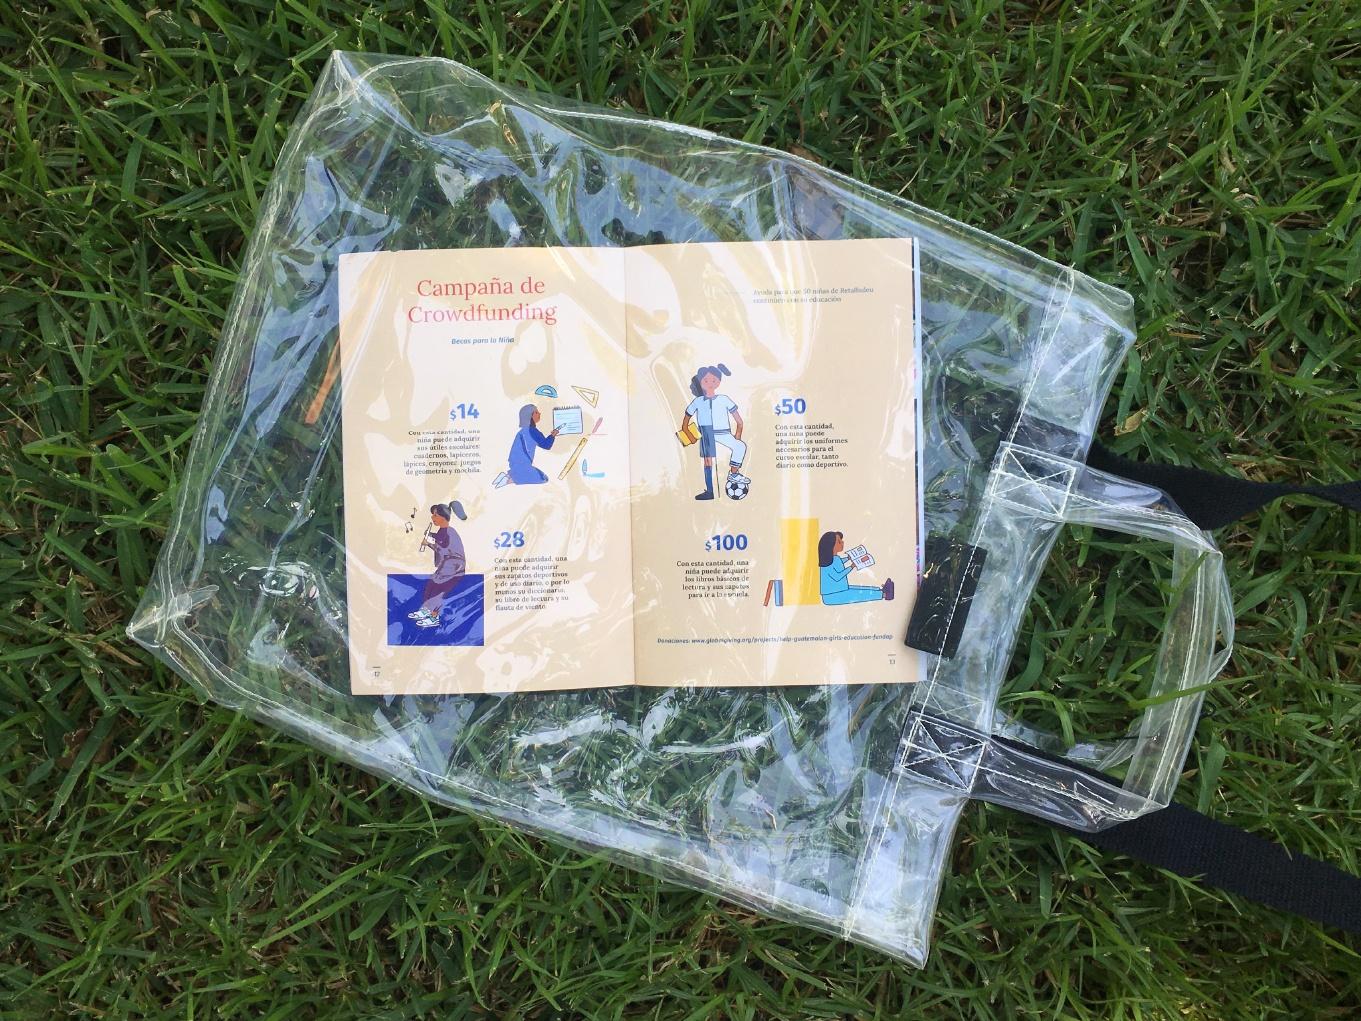 Bolsa de plástico transparente para la campaña de crowdfunding de FUNDAP